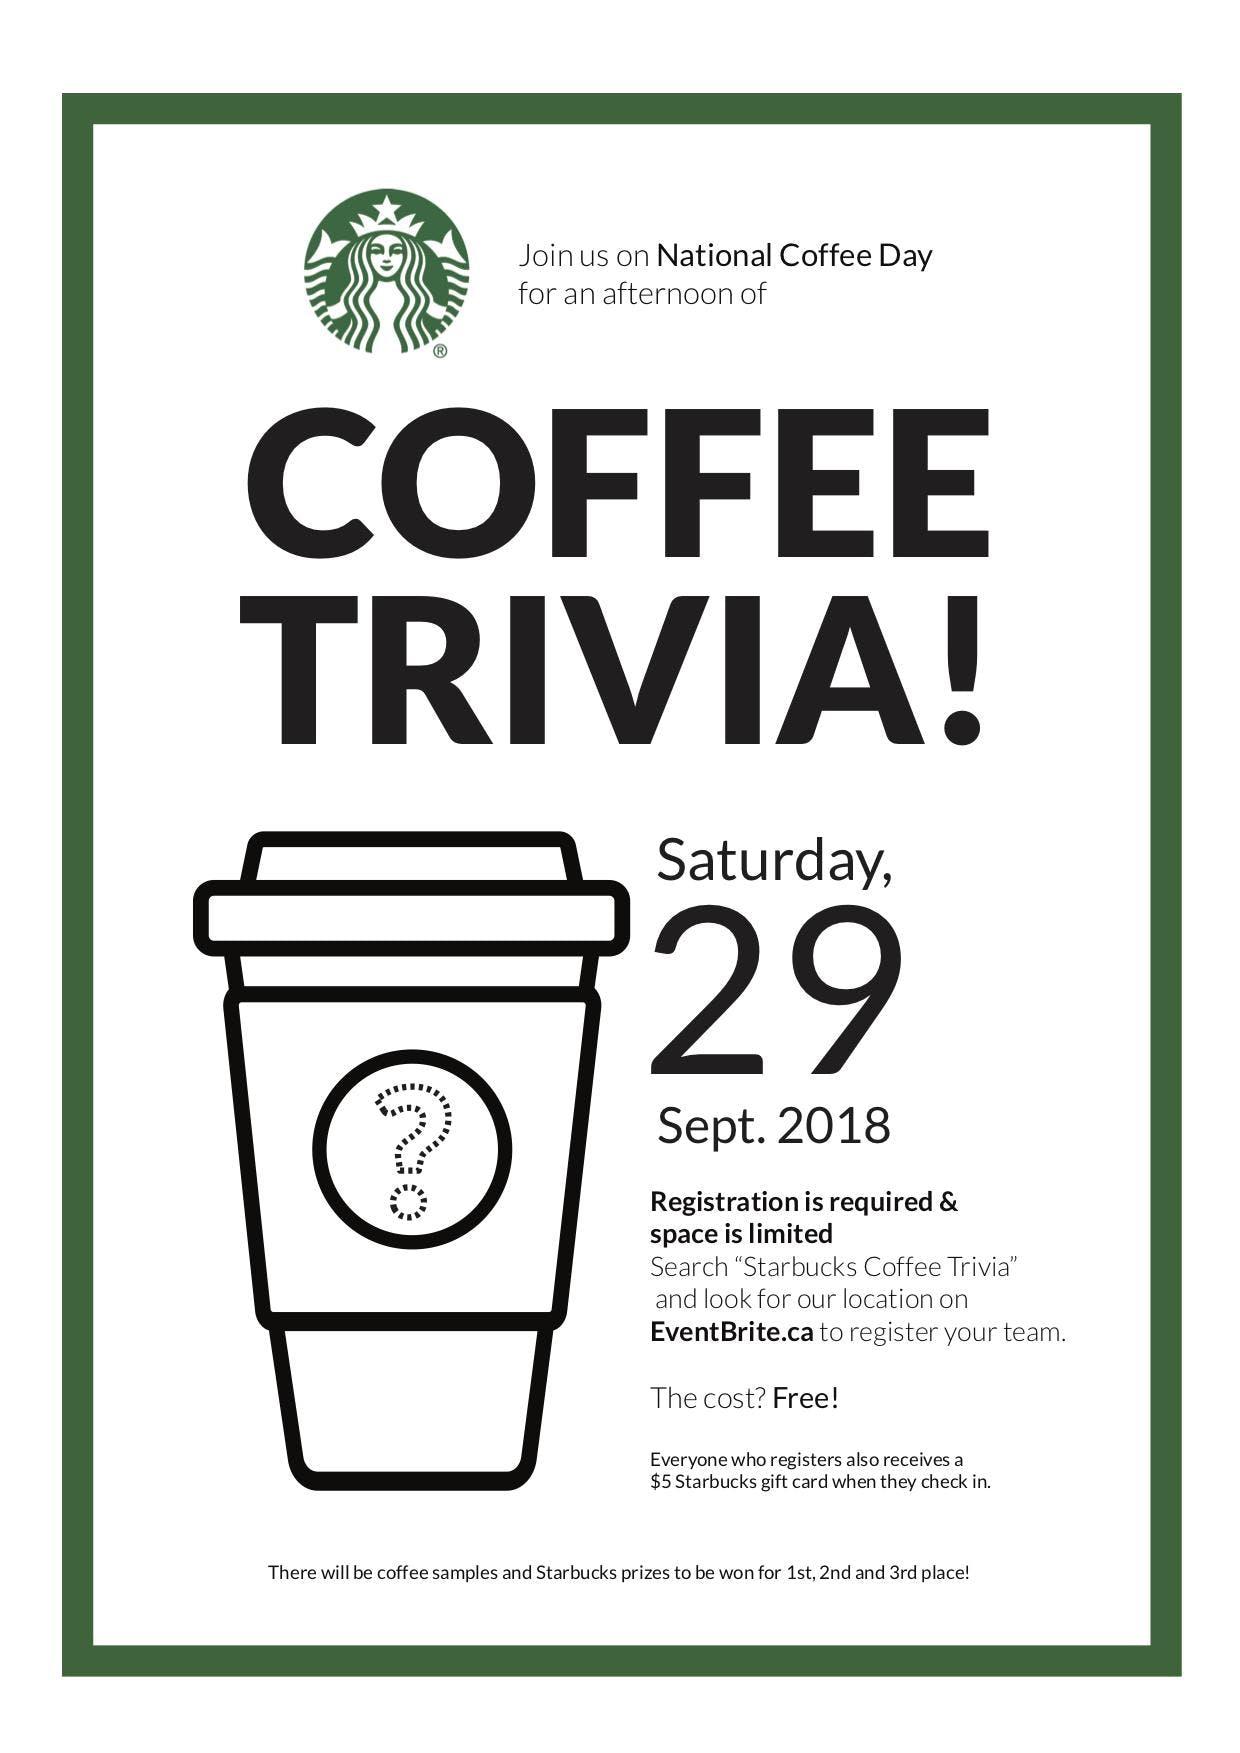 Starbucks Coffee Trivia - Toronto - 29 SEP 2018